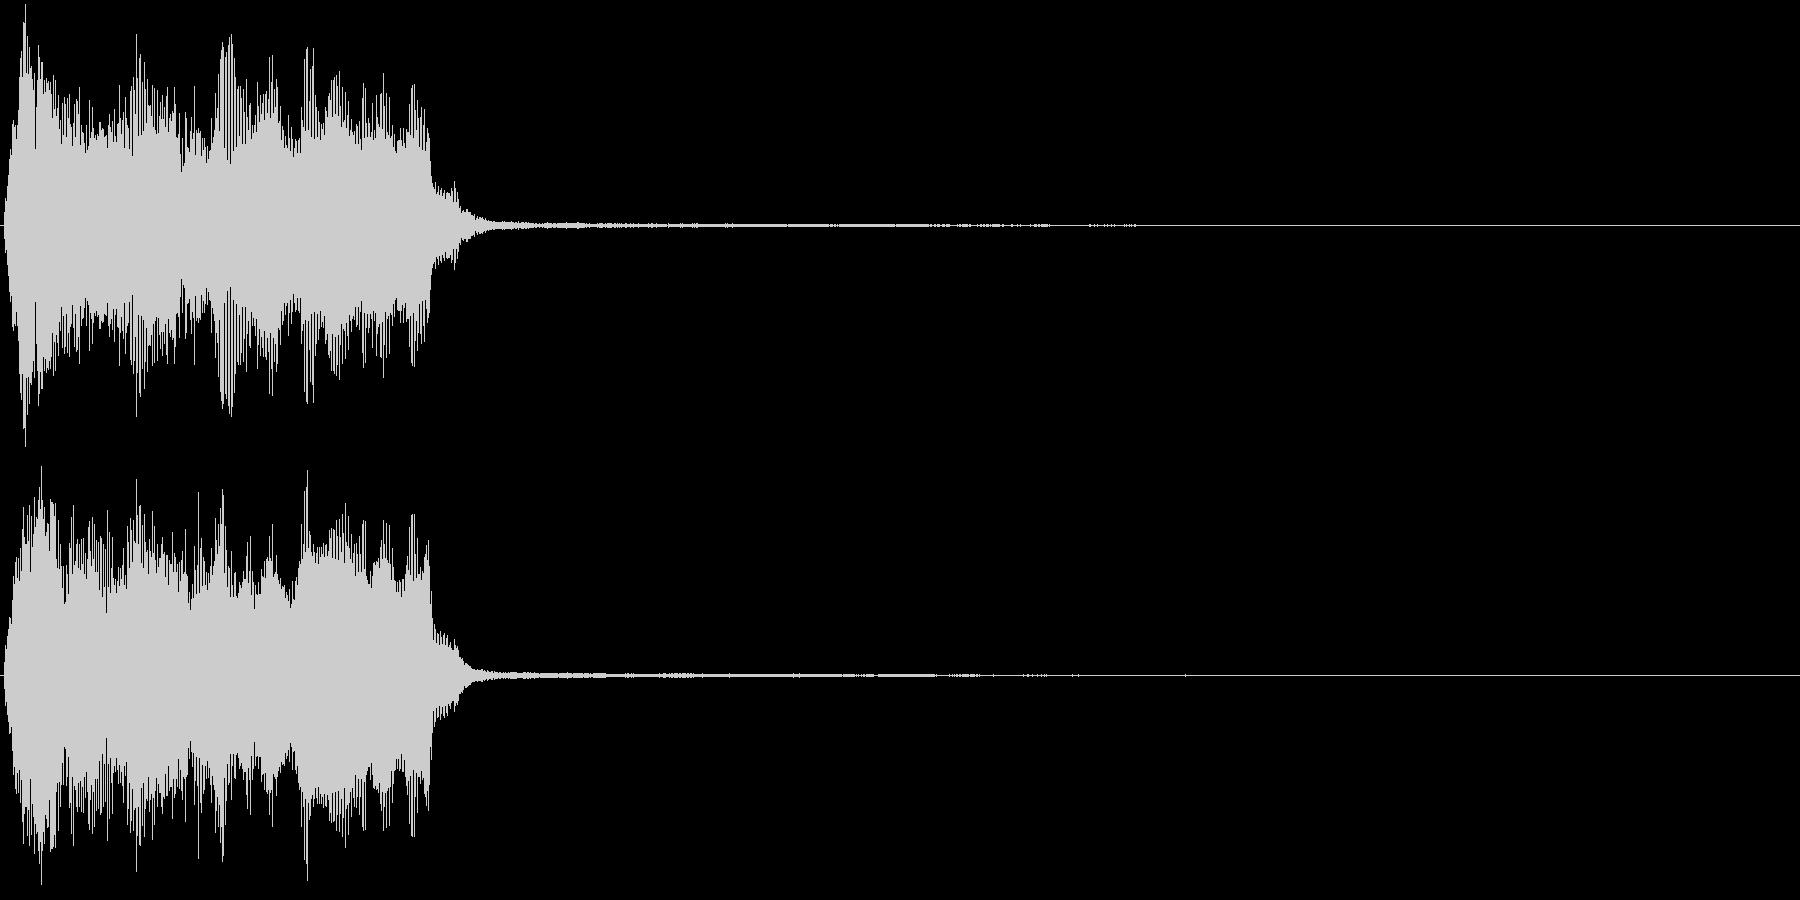 トランペット ファンファーレ 定番 8の未再生の波形